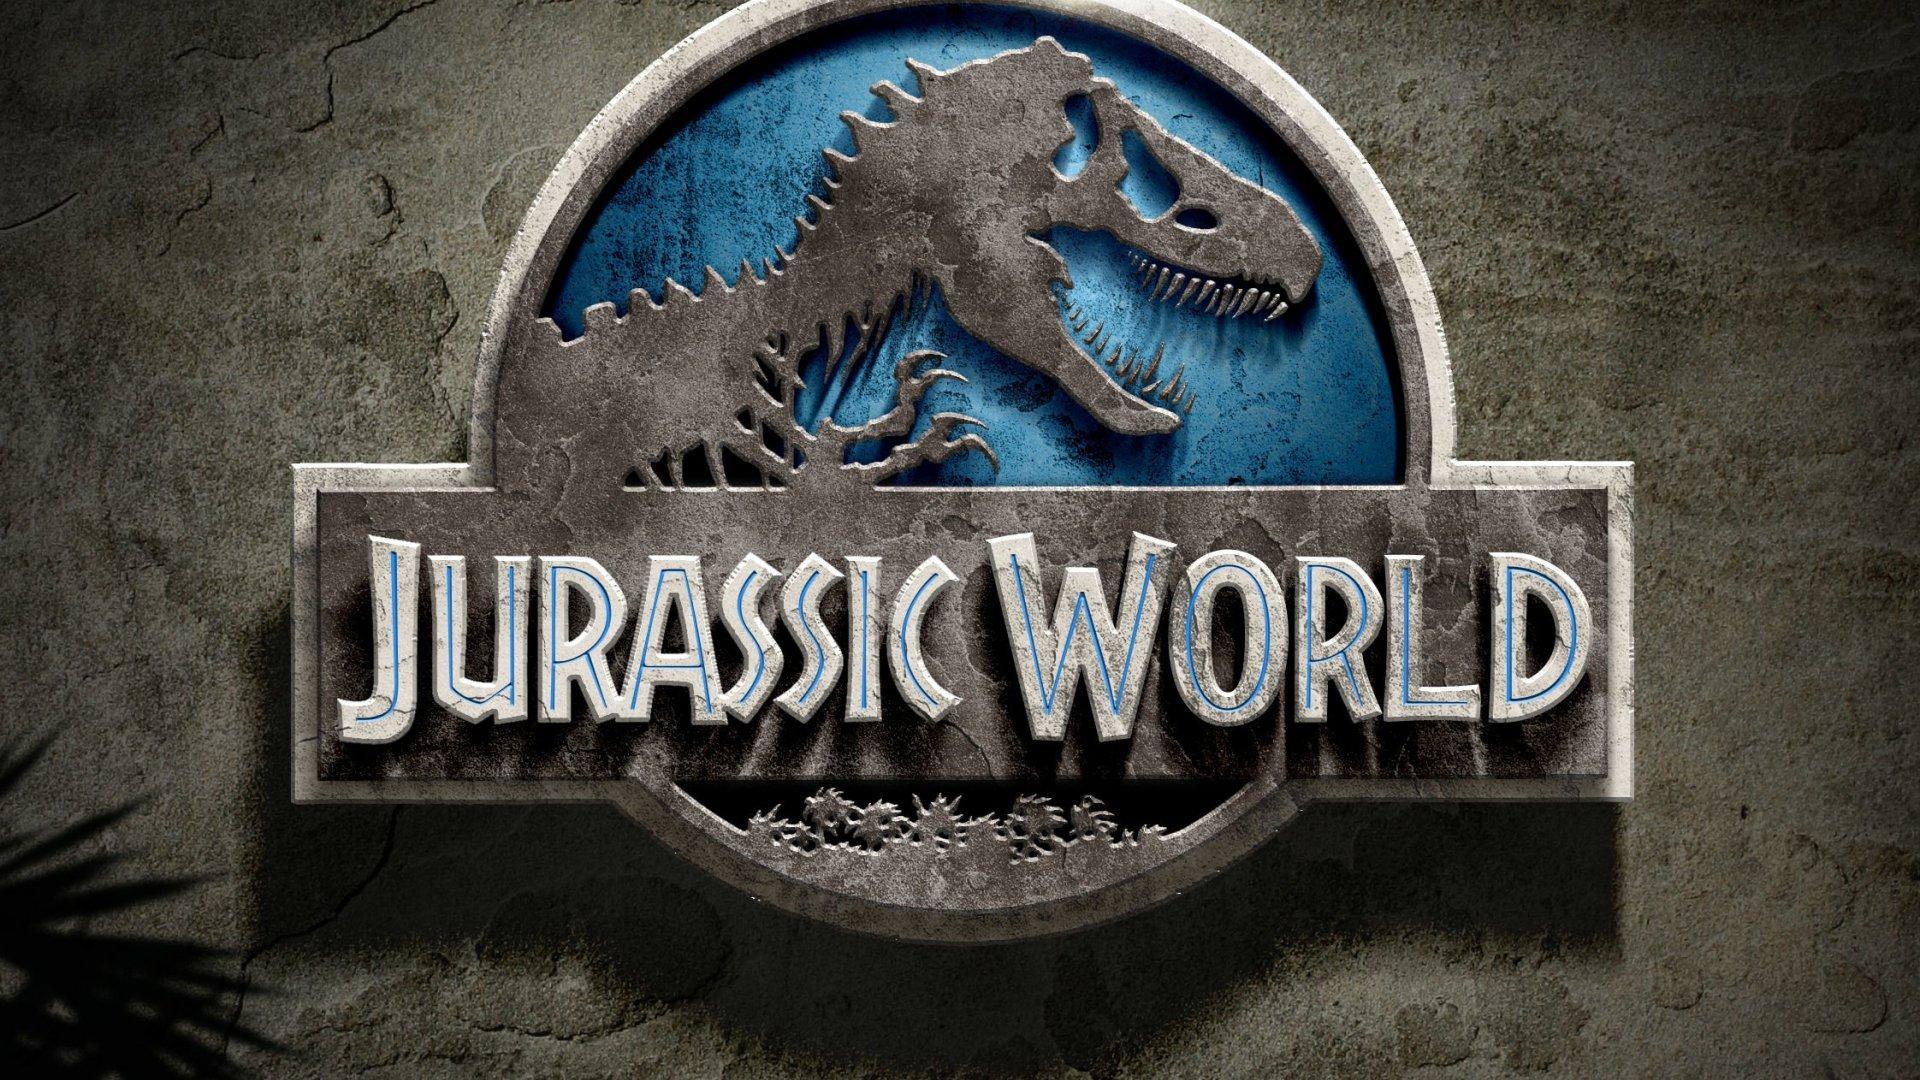 Jurassic-World-afis-film-2105 Jurassic Park World'den Yeni Fragman!